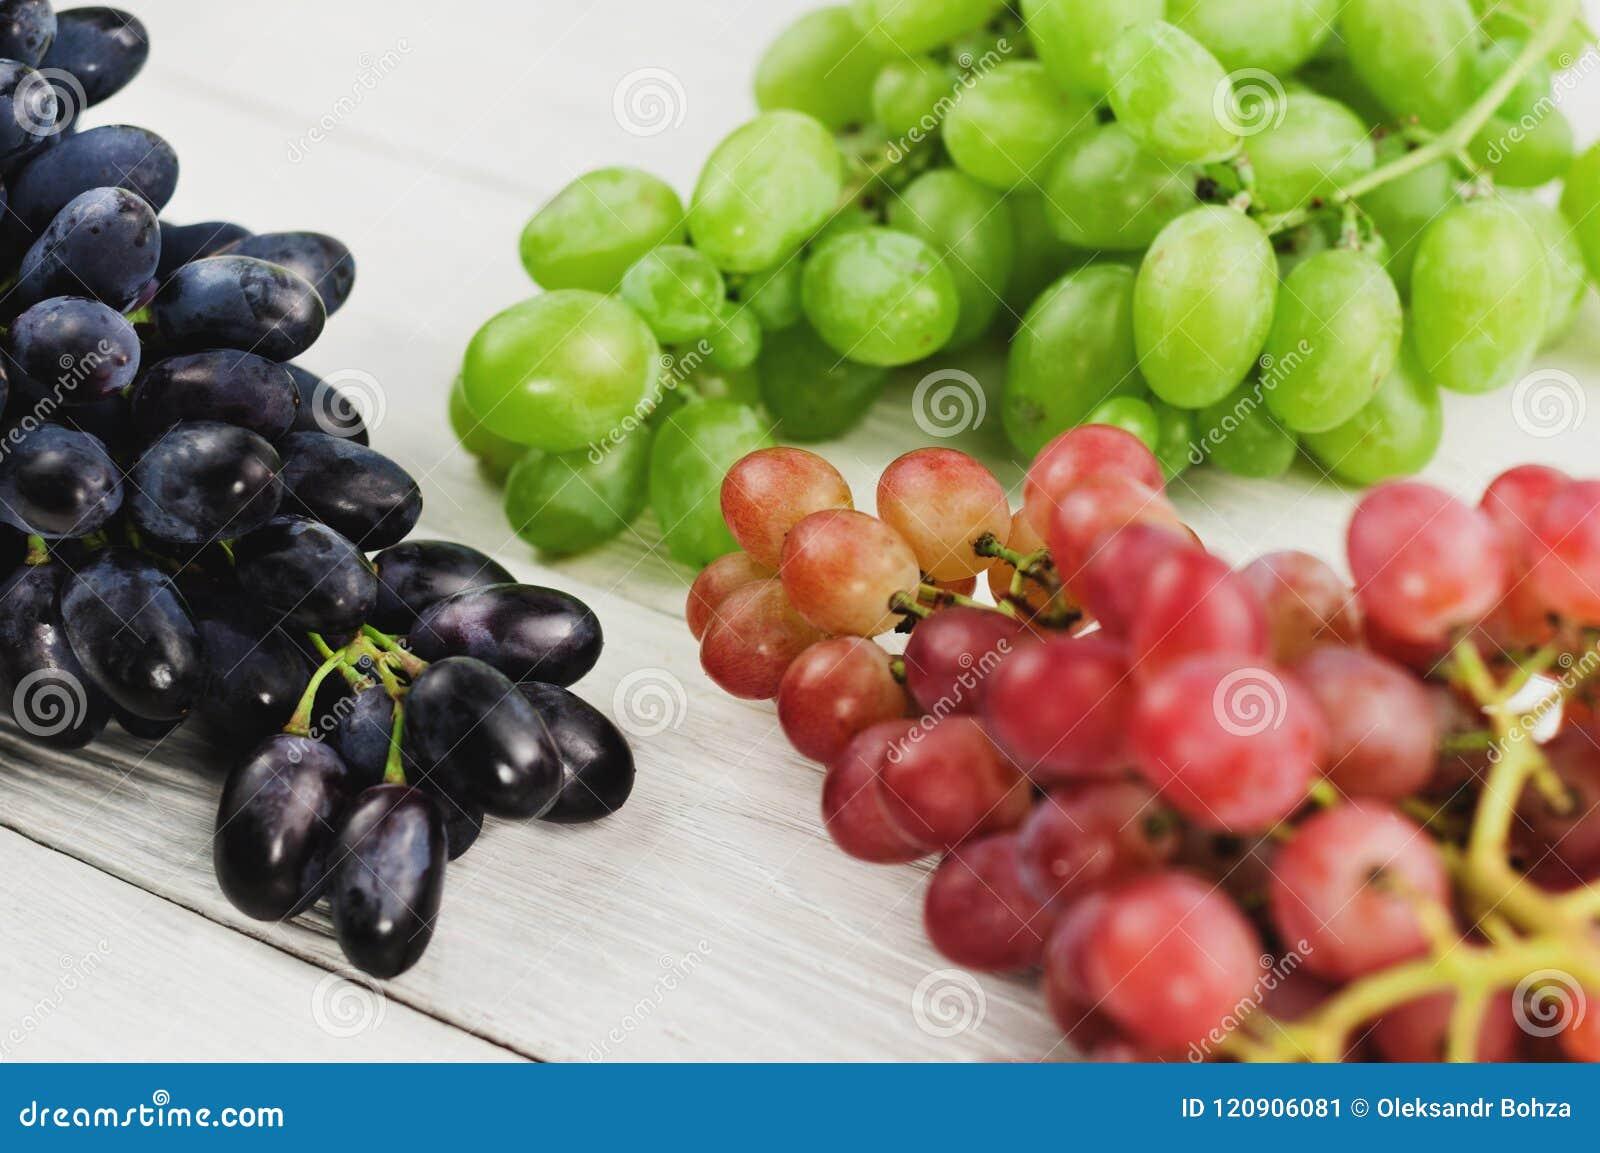 Grupos de uvas azuis e cor-de-rosa e verdes maduras frescas em pranchas brancas de madeira velhas